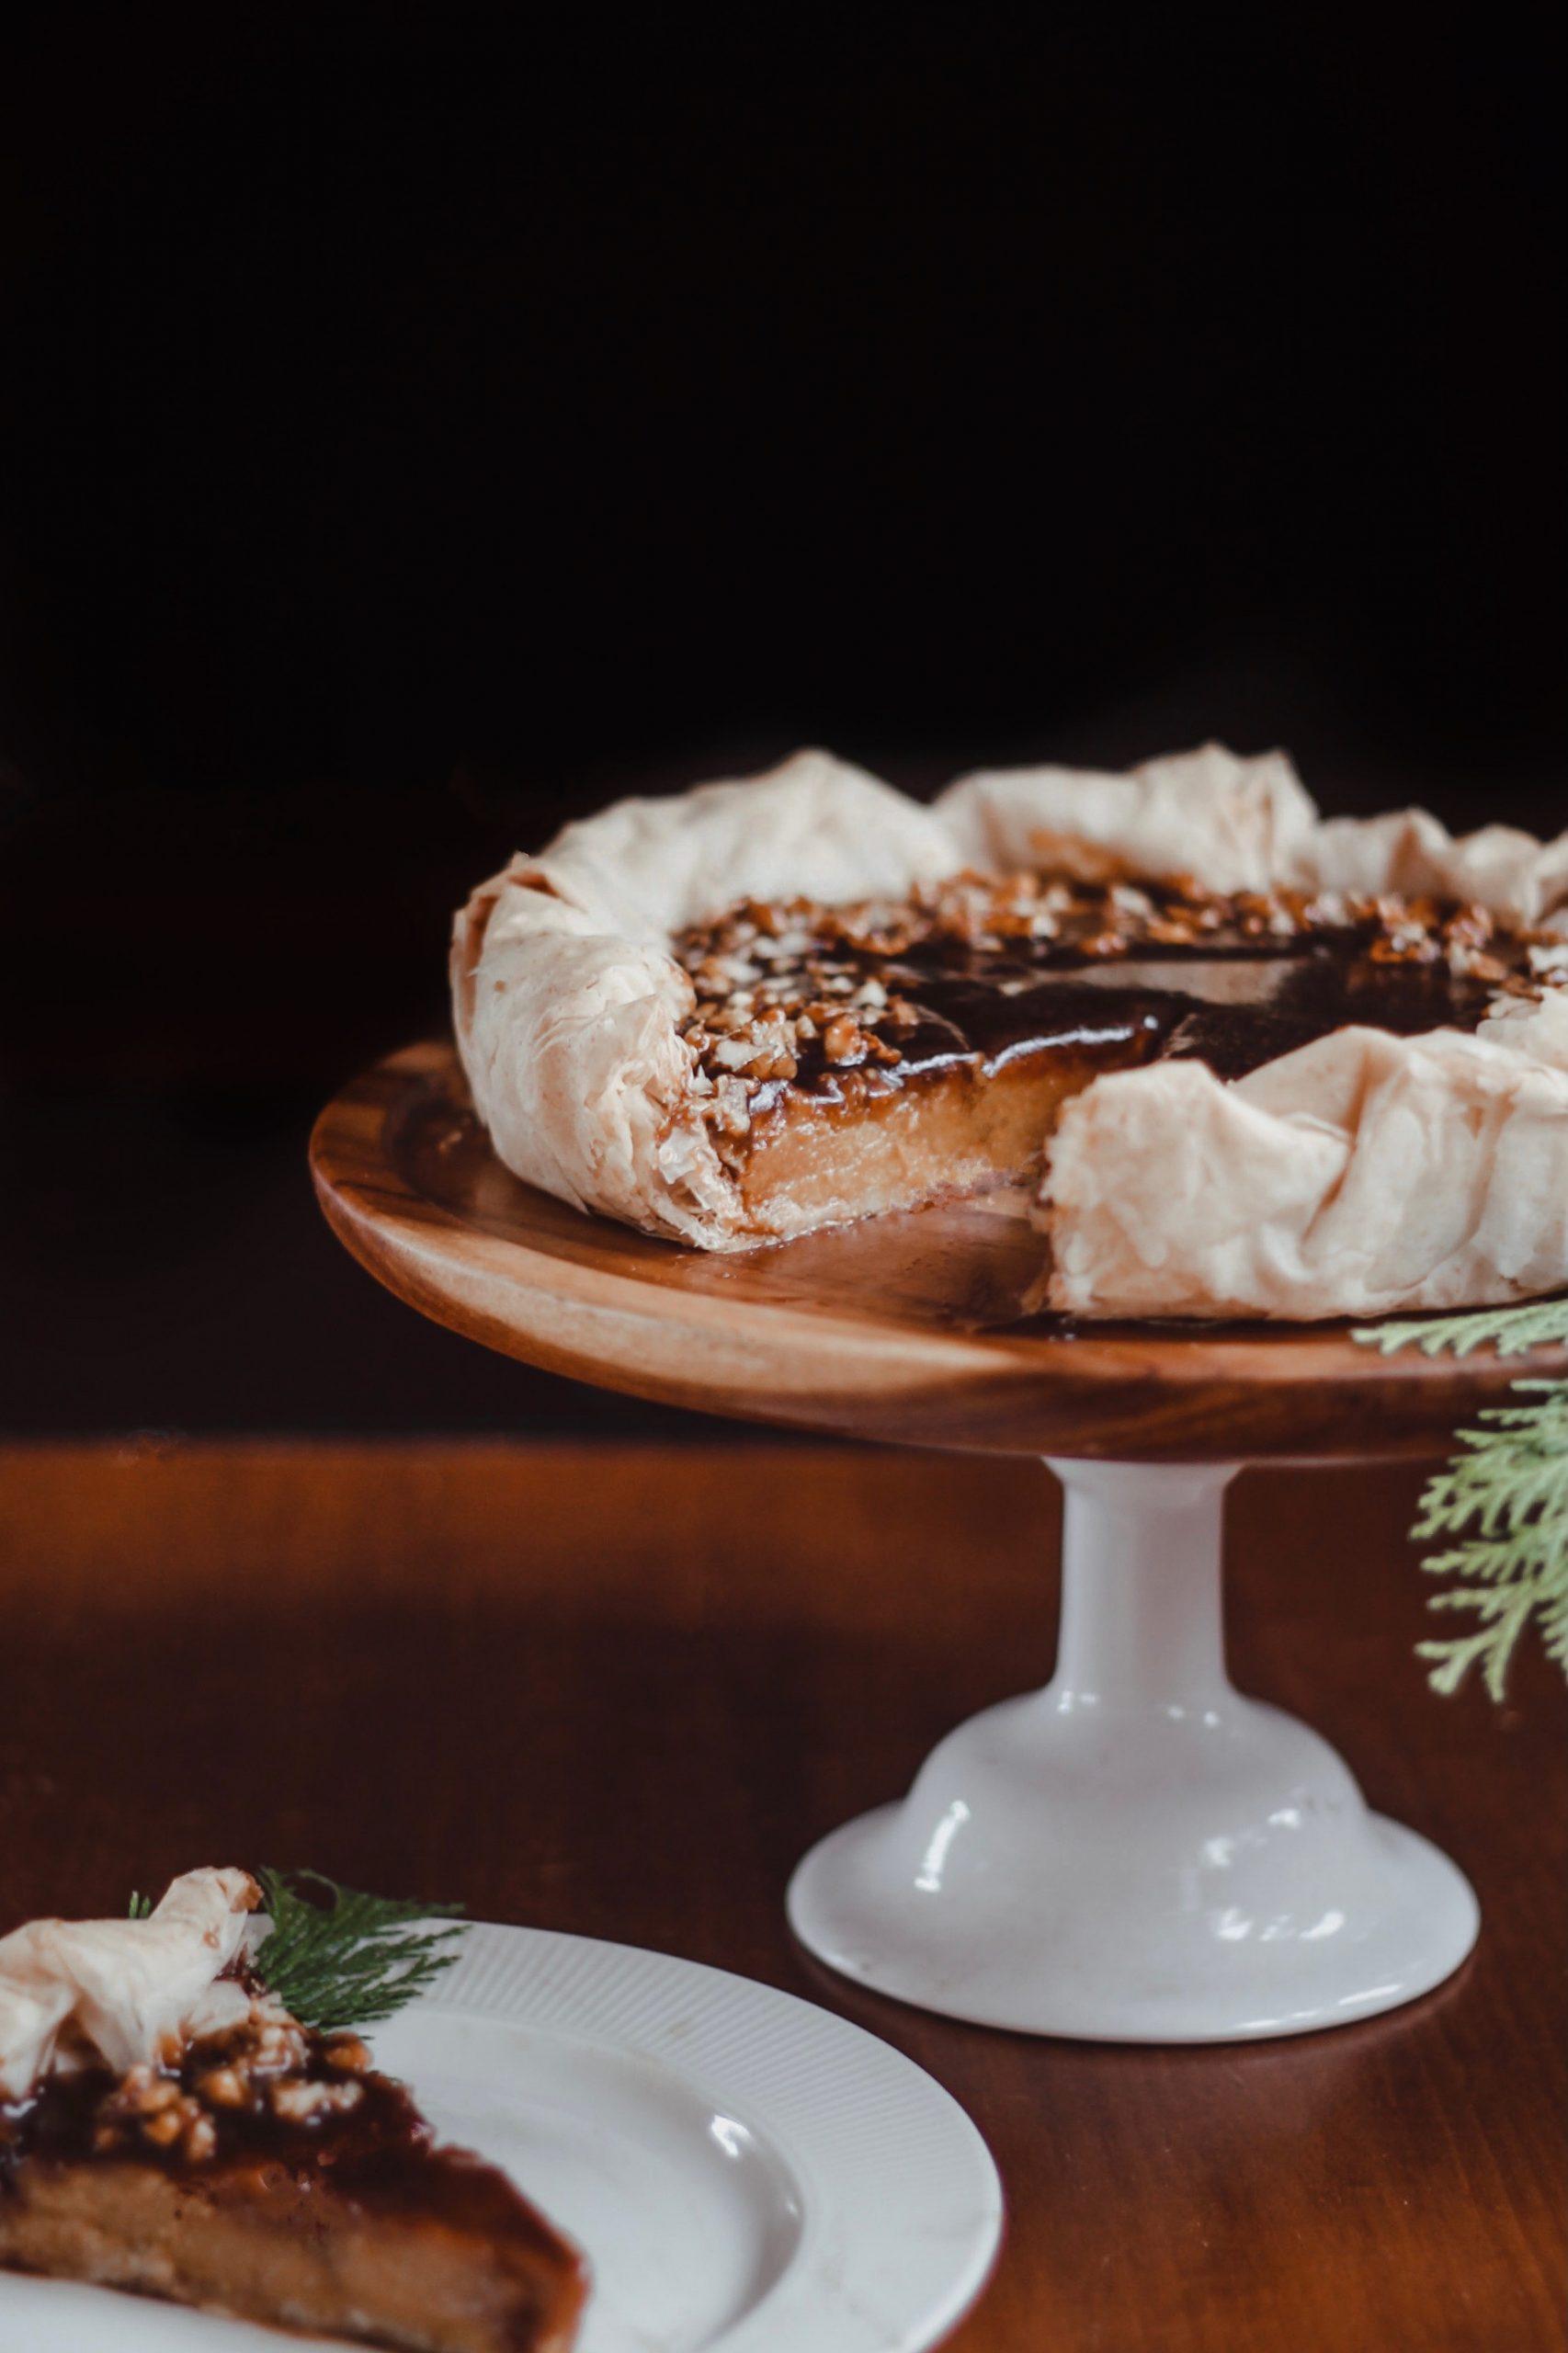 Веган тиквен пай с готови кори, солен карамел и карамелизирани орехи 1